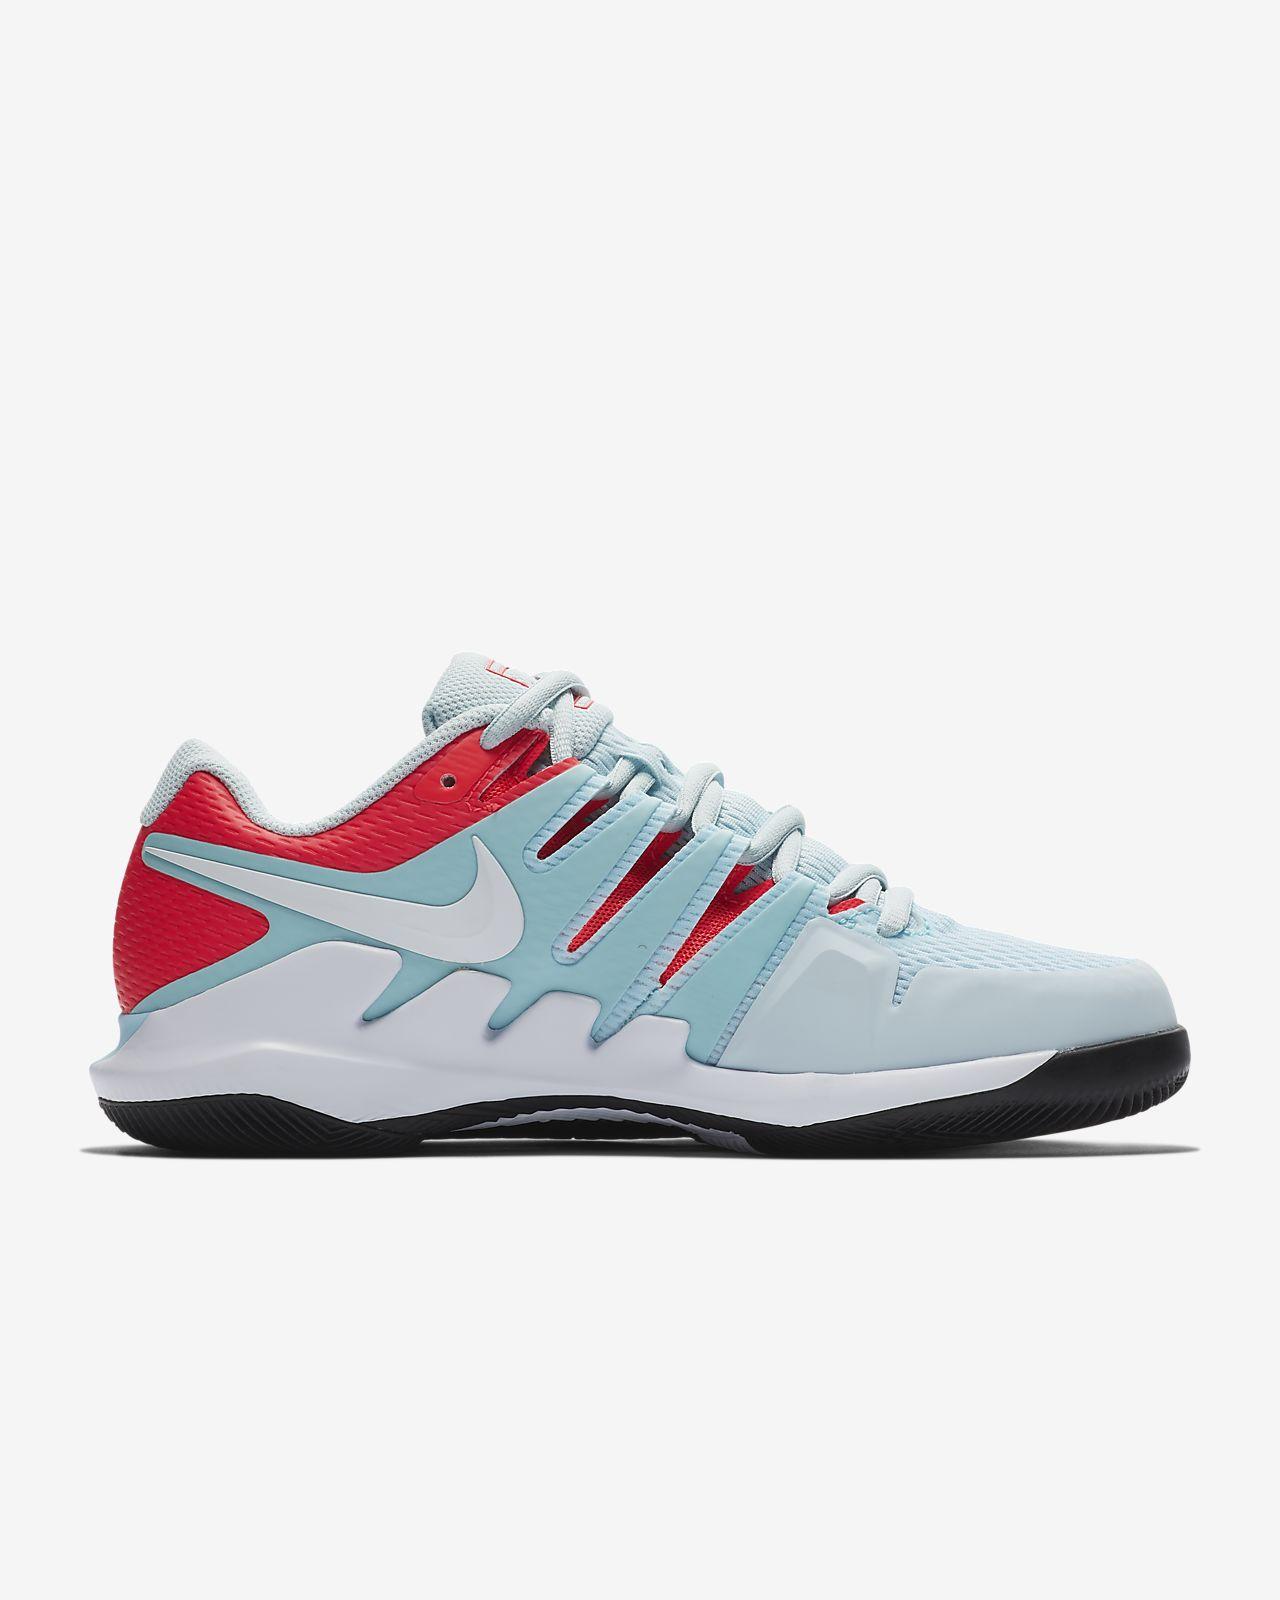 best service 34793 b0199 ... Chaussure de tennis pour surface dure NikeCourt Air Zoom Vapor X pour  Femme